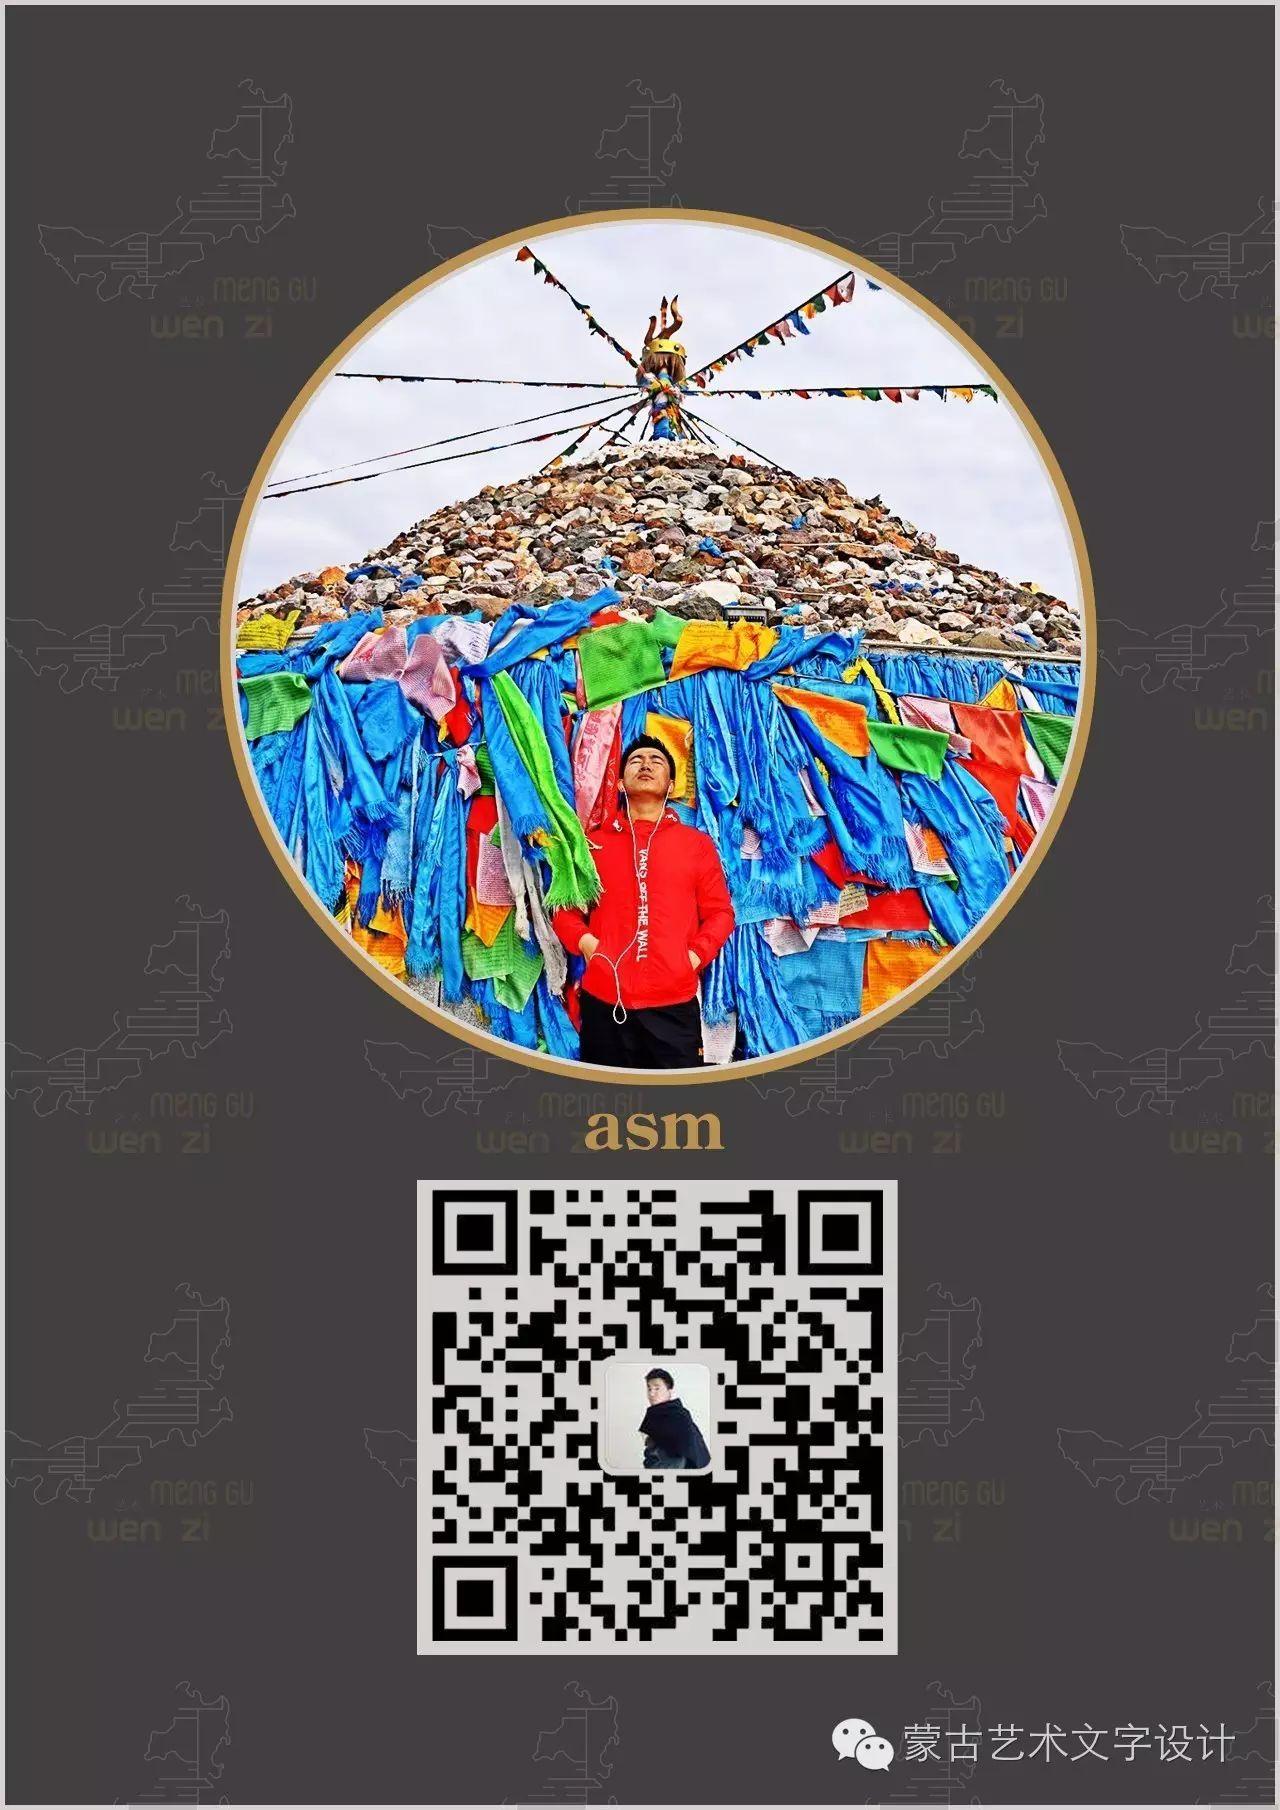 青格尔—— 蒙古族原创插画 第51张